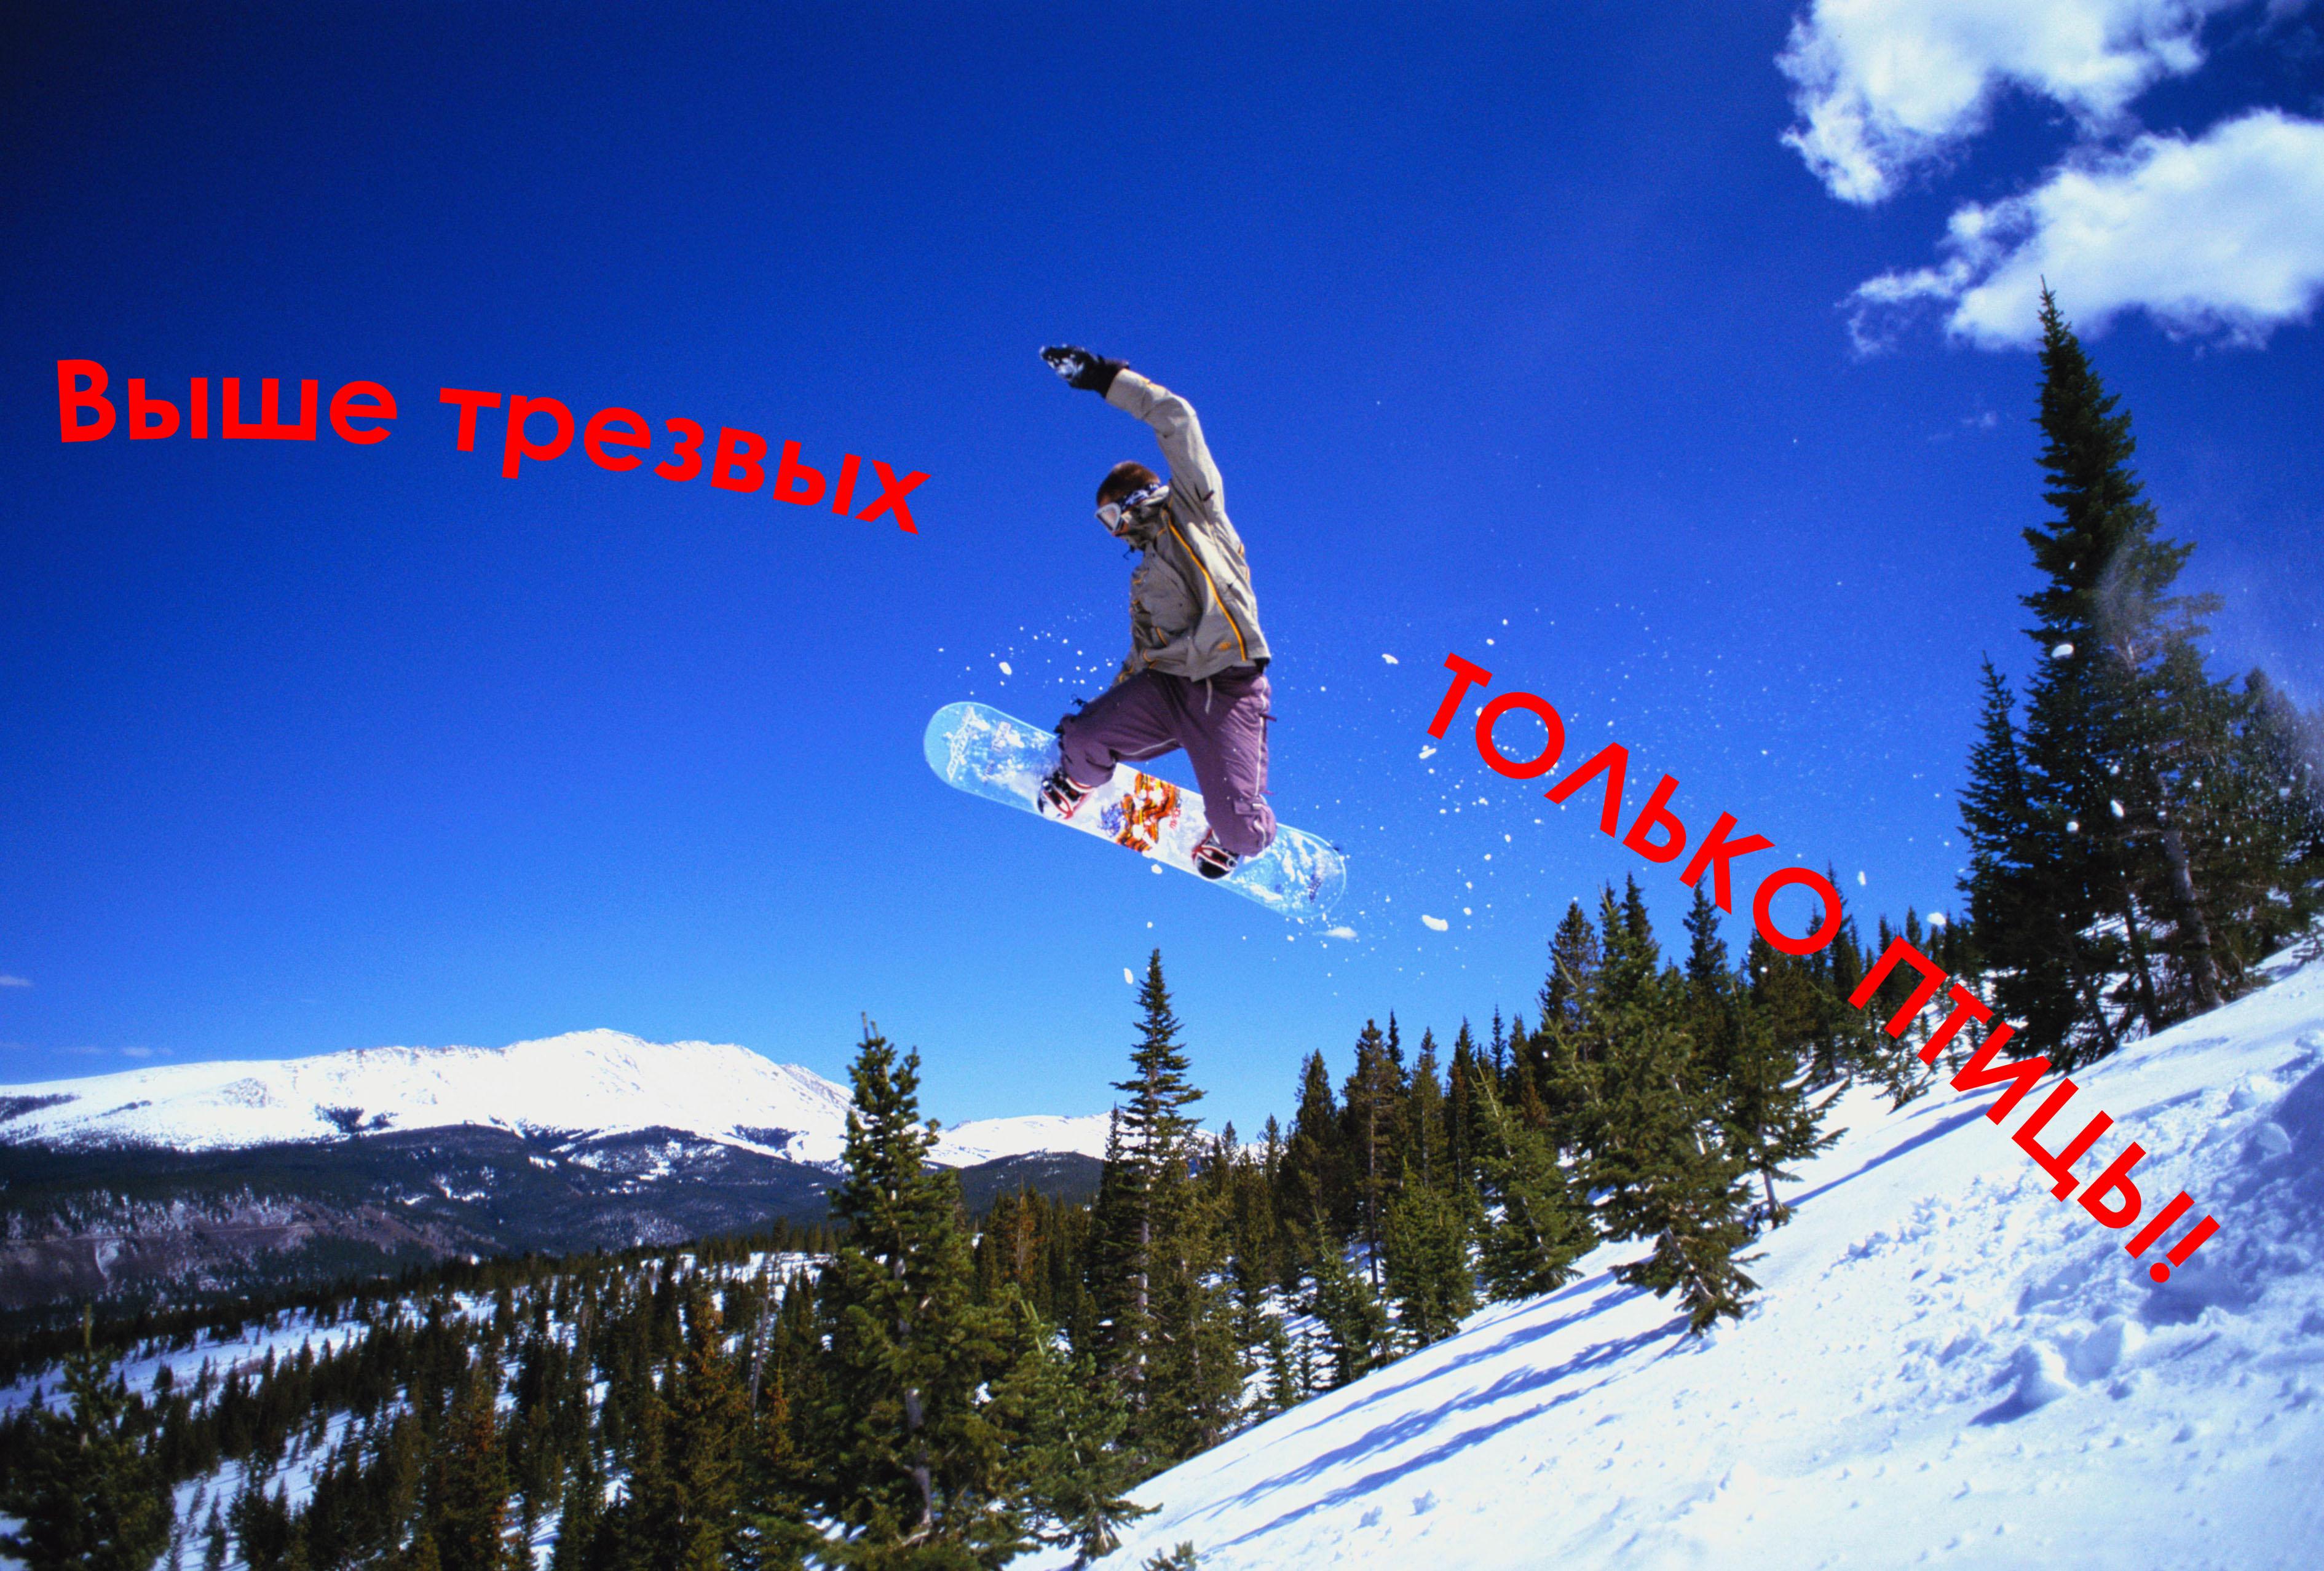 Поздравления с днём сноубордиста